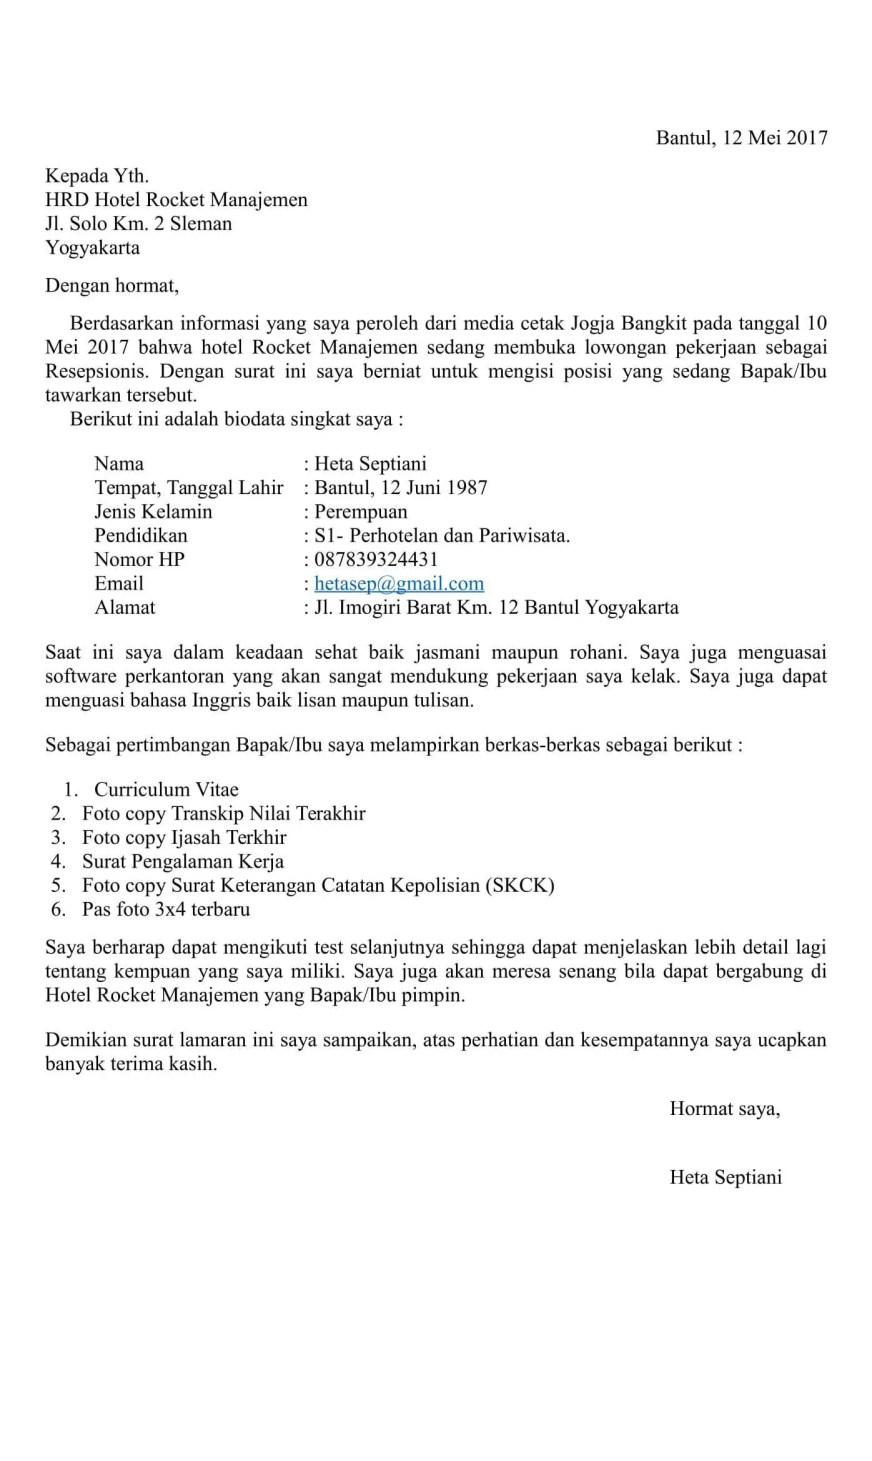 48 Contoh Surat Lamaran Kerja Ob Bank